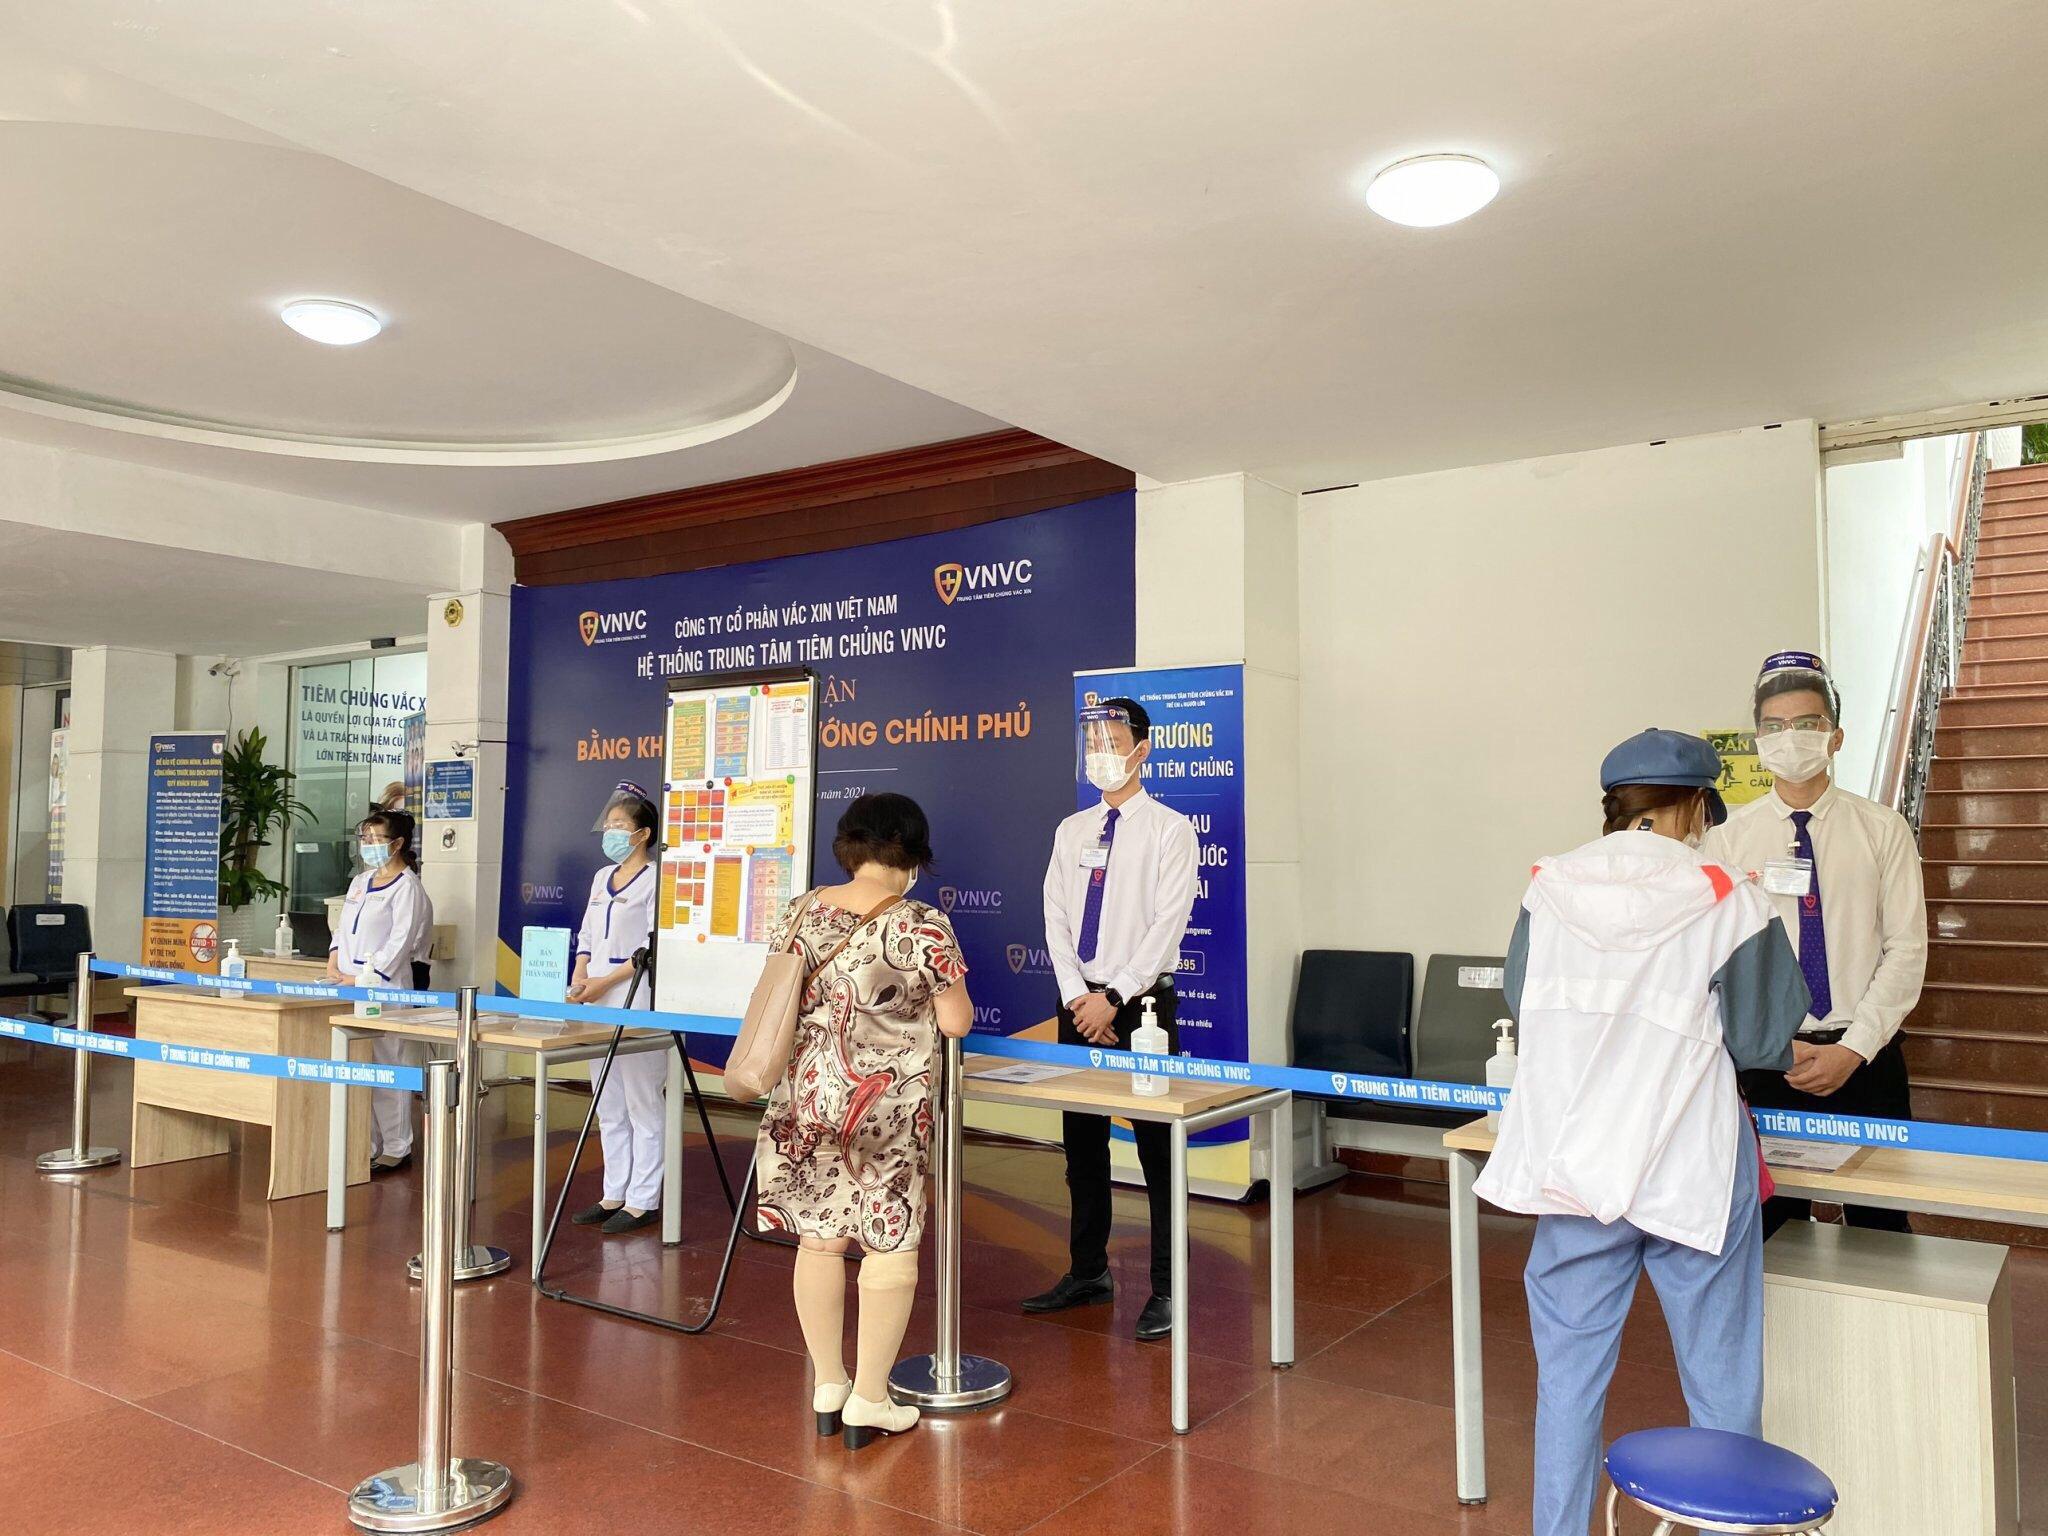 [Caption]Khách hàng thực hiện khai báo y tế tại trung tâm VNVC Hoàng Văn Thụ, TPHCM. Ảnh: Phong Lan